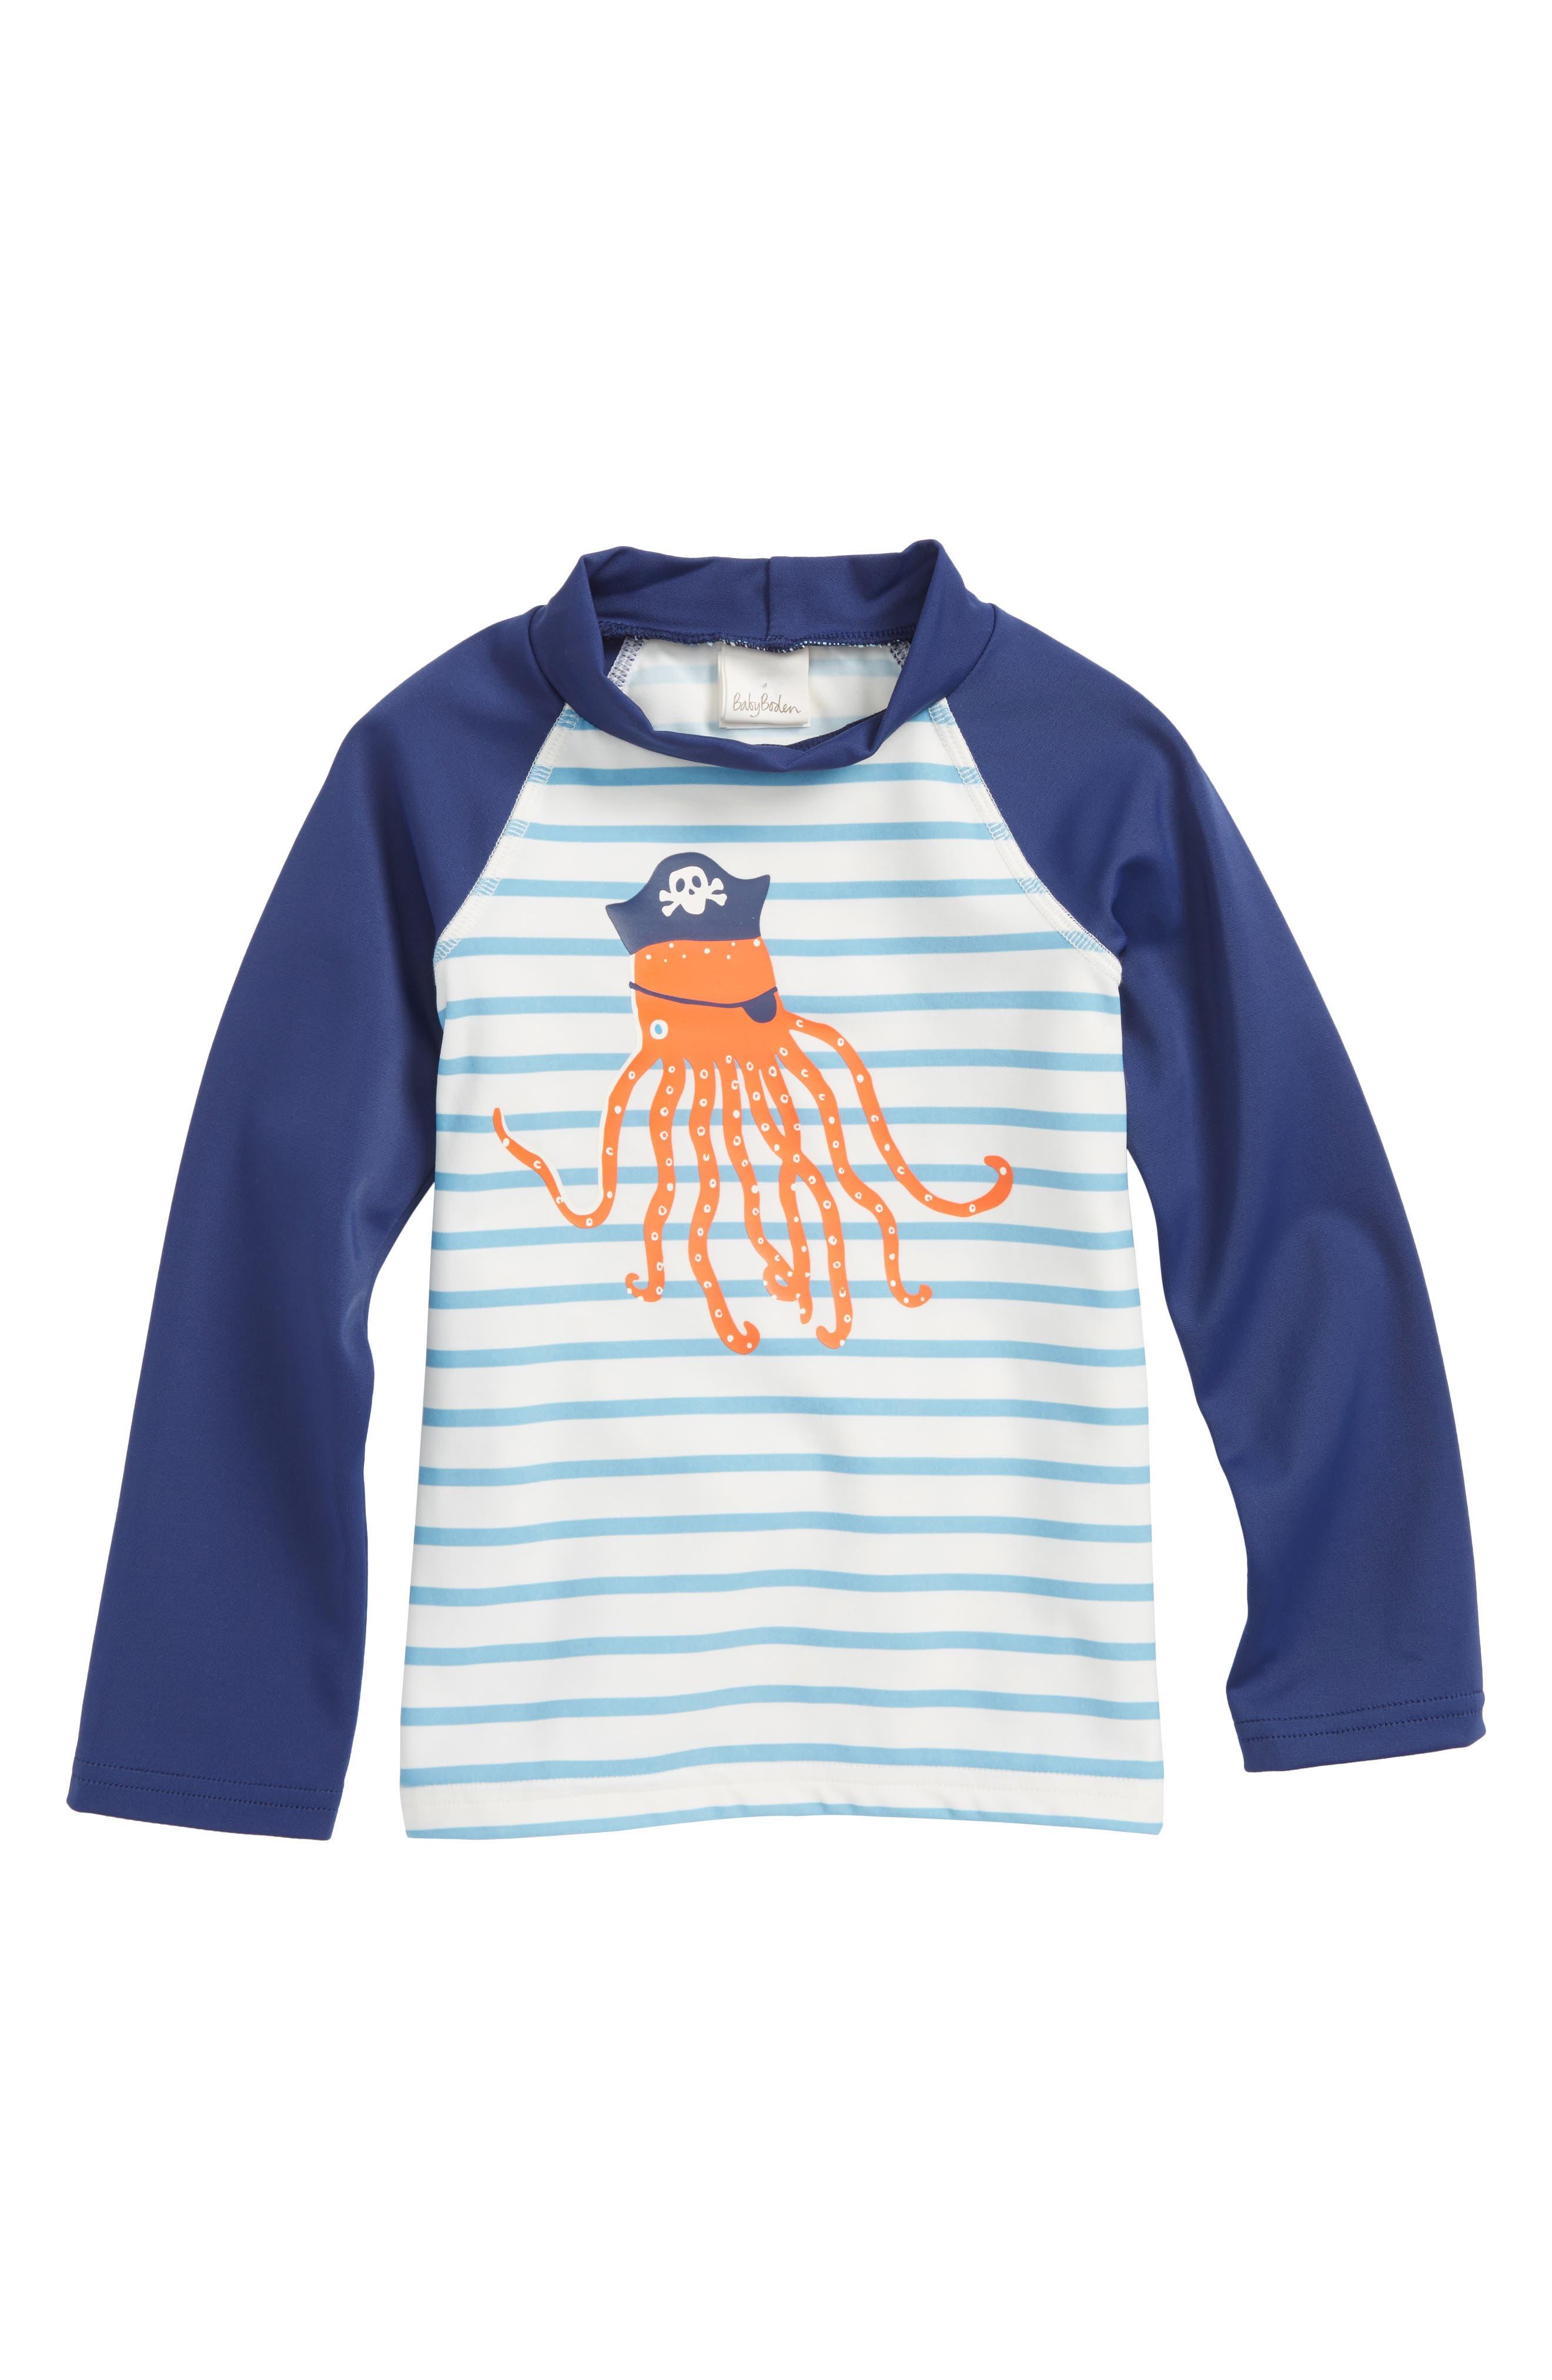 Sea Creature Rashguard,                         Main,                         color, Ivory/ Grotto Blue